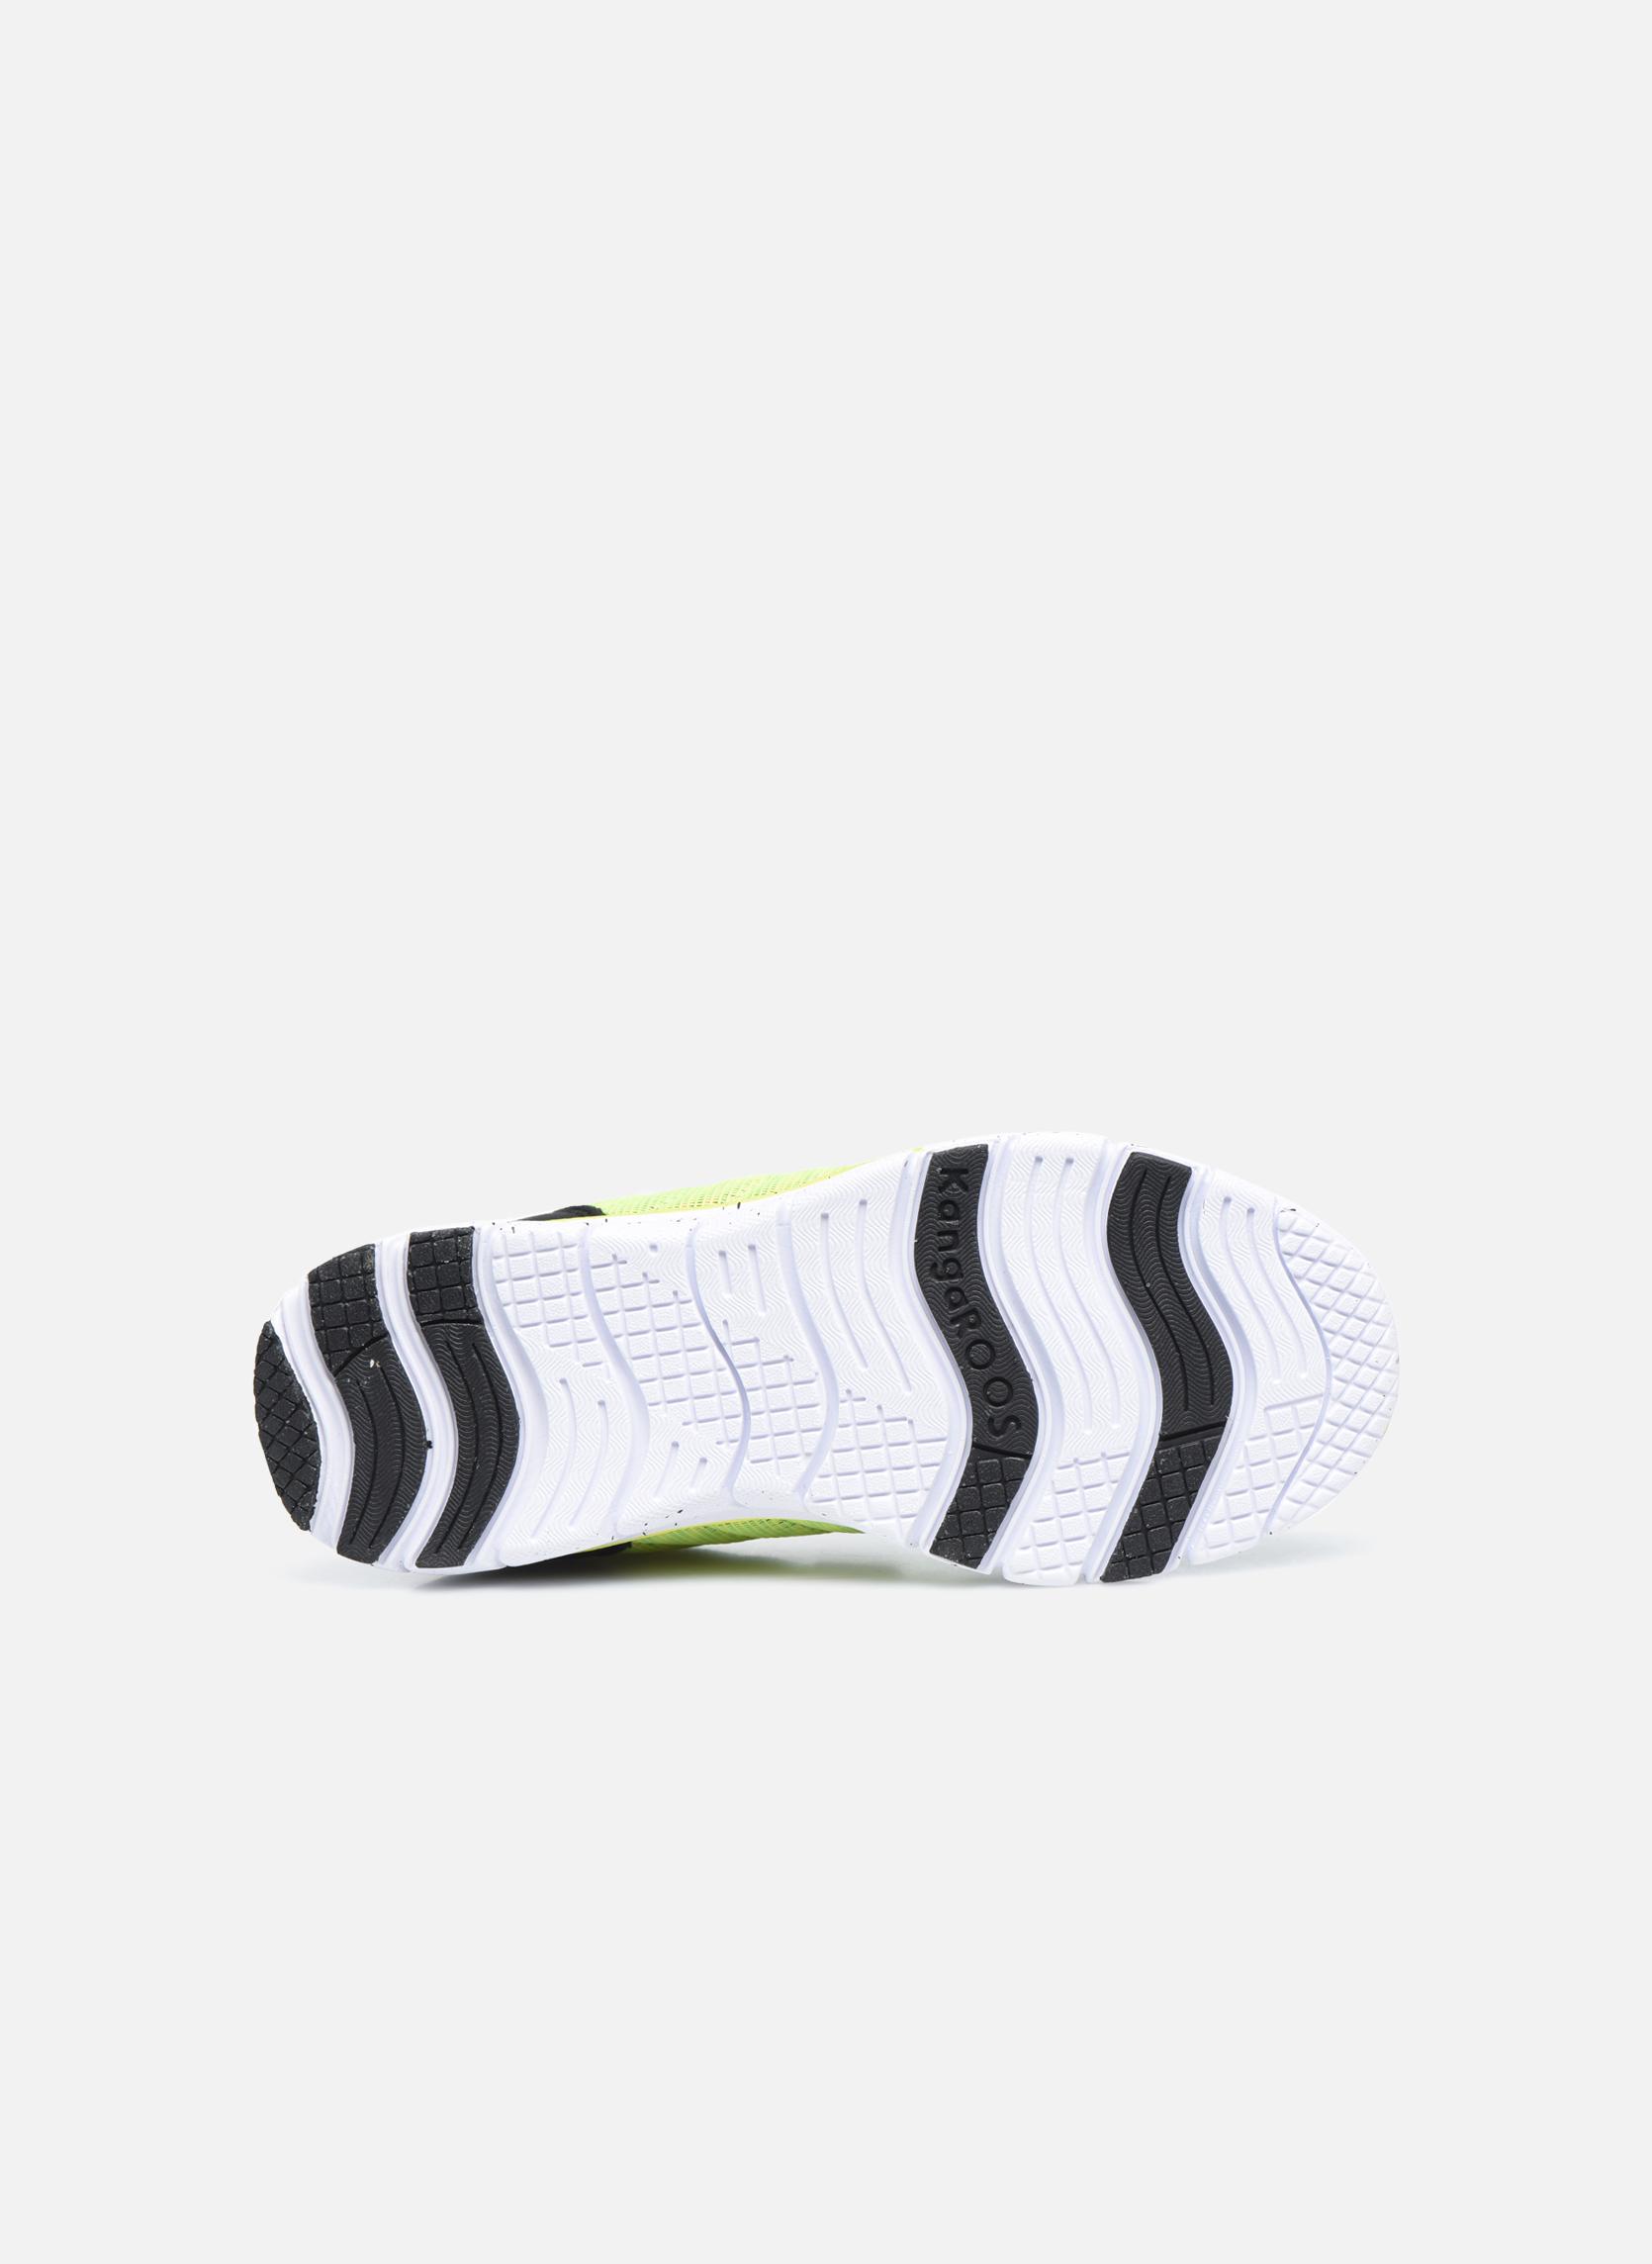 Nuri-Zebra Black